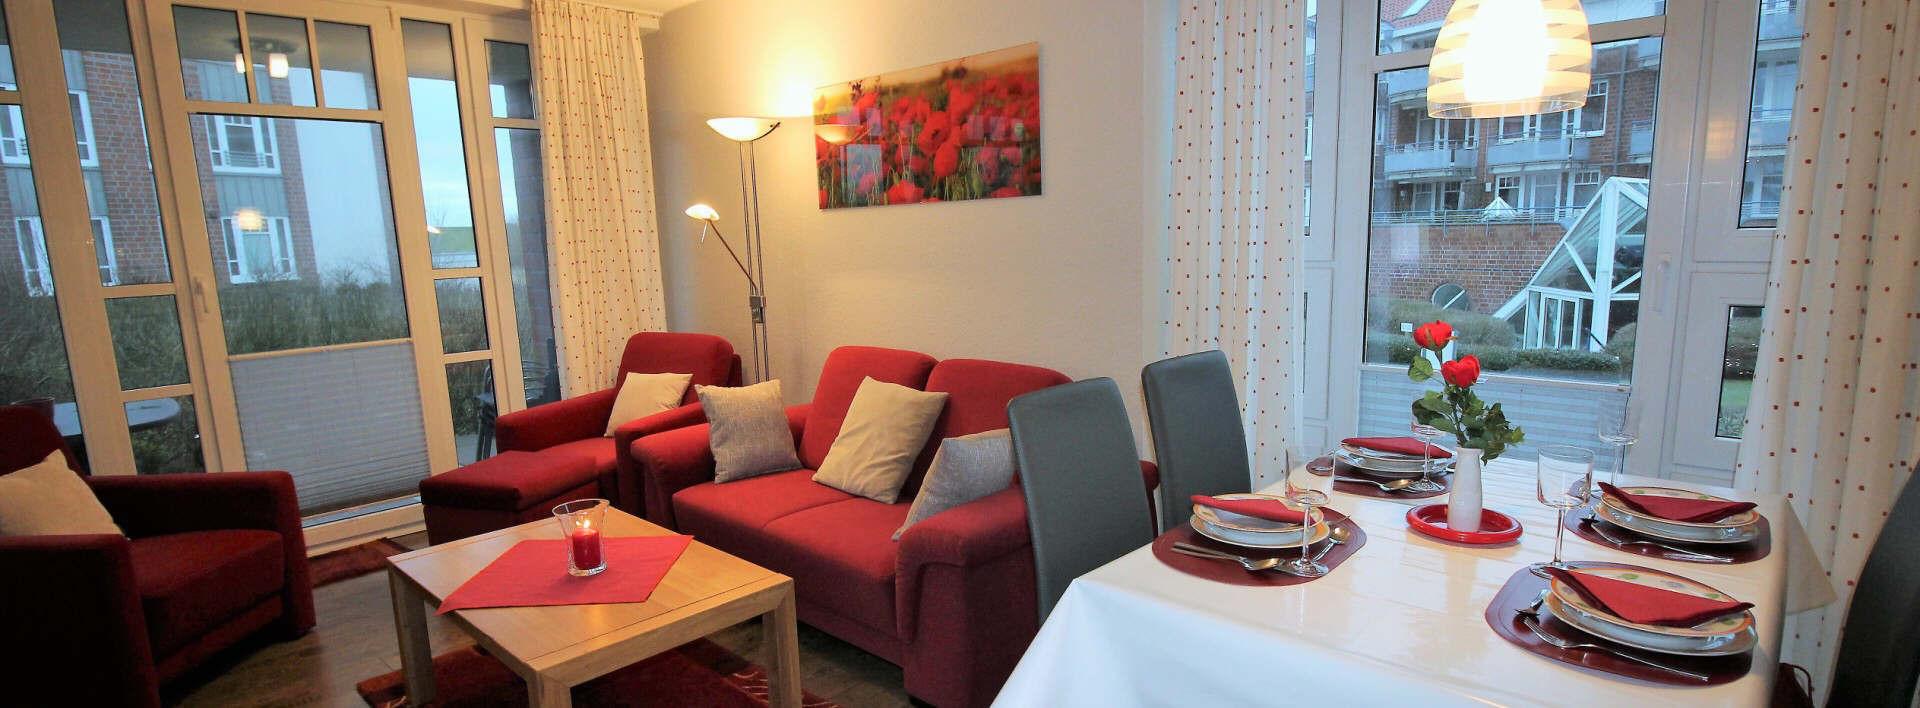 Ferienwohnung mit Hallenbadnutzung und 2 Schlafzimmern Dorum